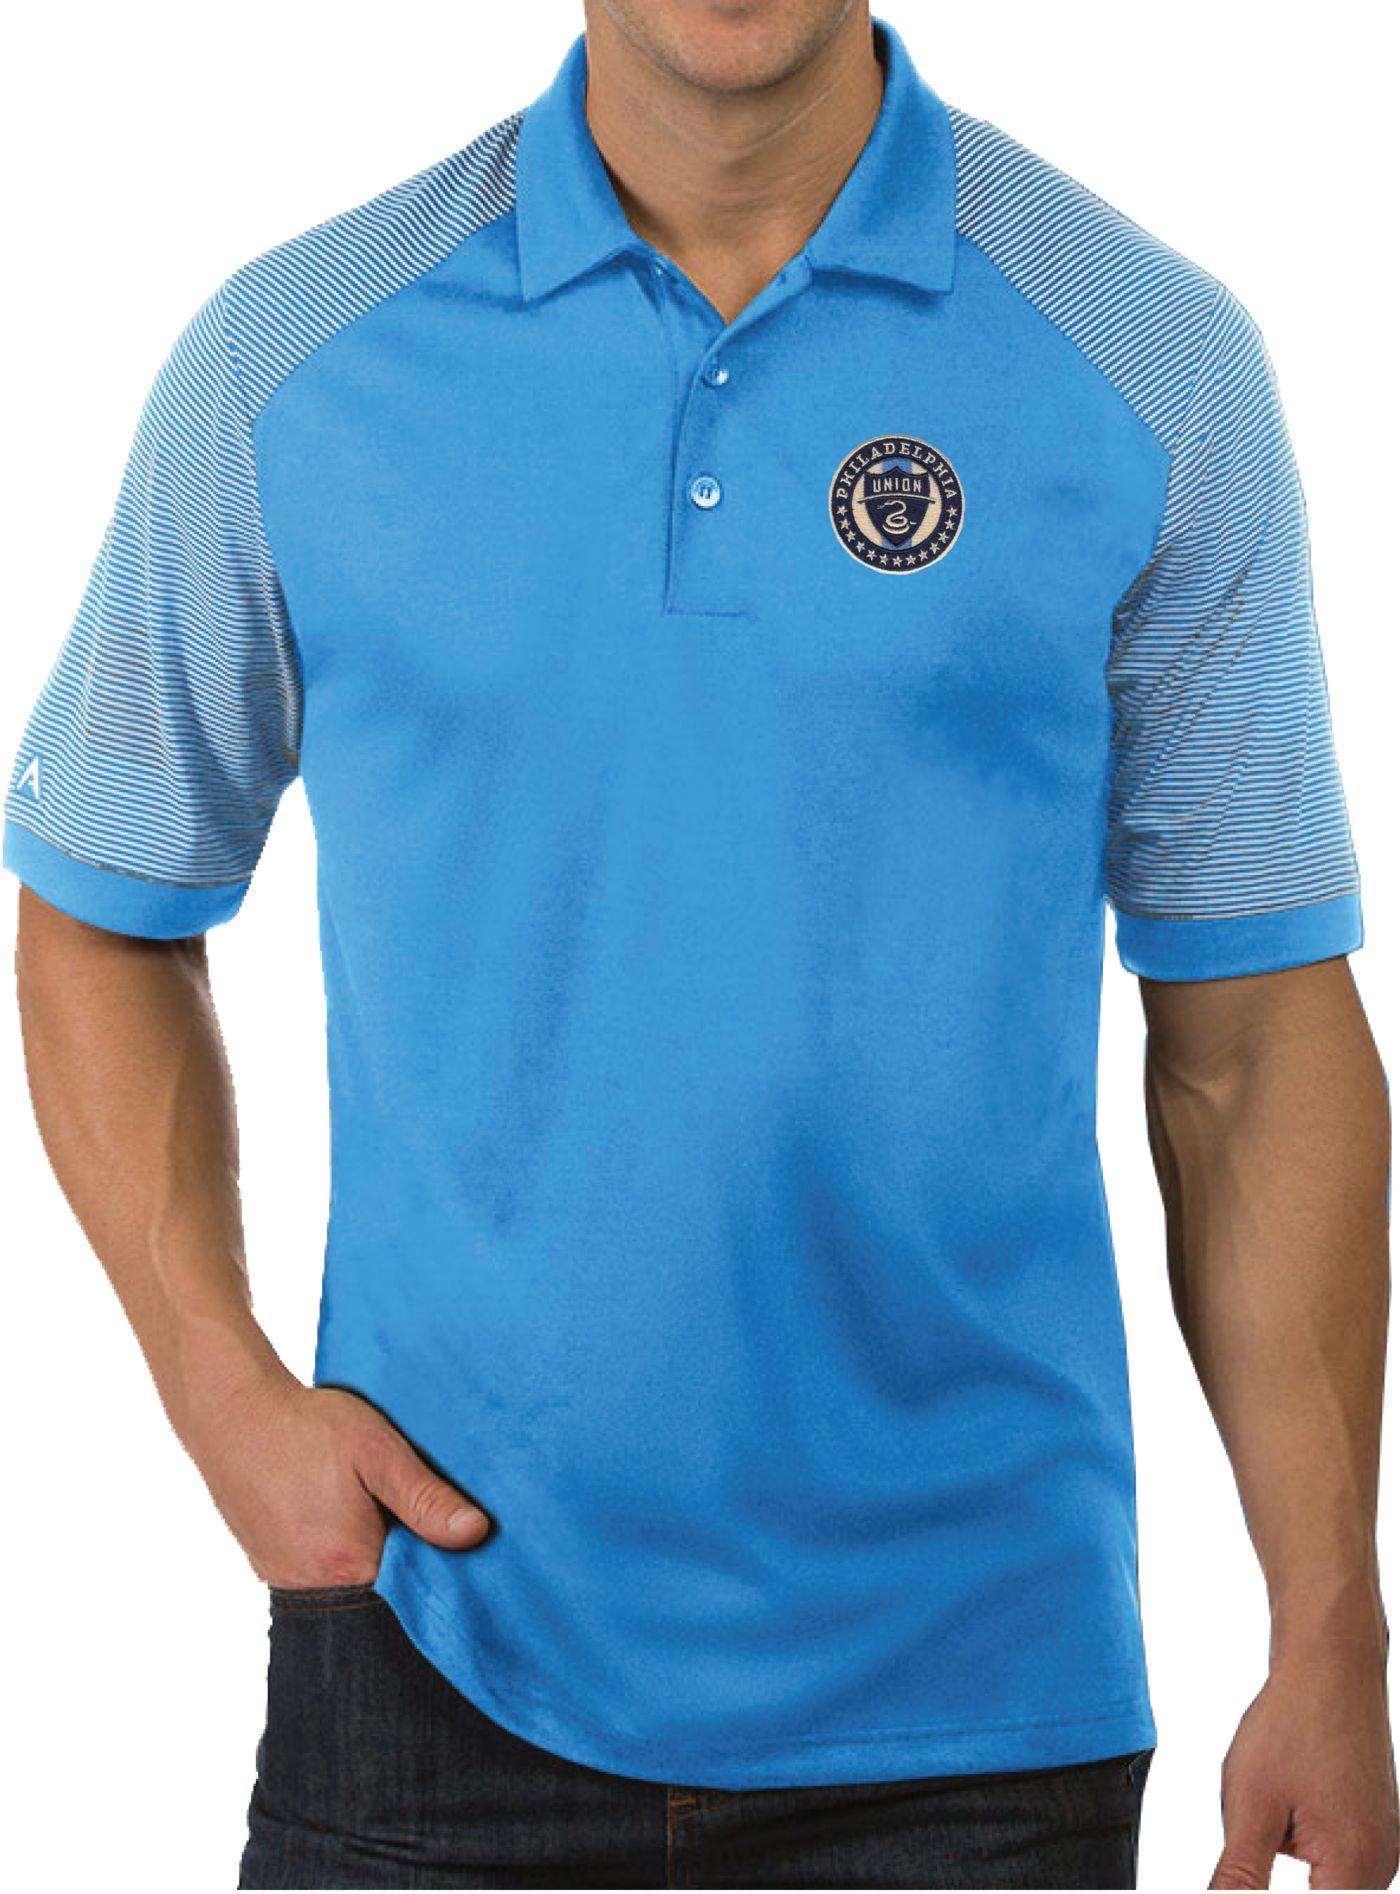 Antigua Men's Philadelphia Union Engage Blue Polo